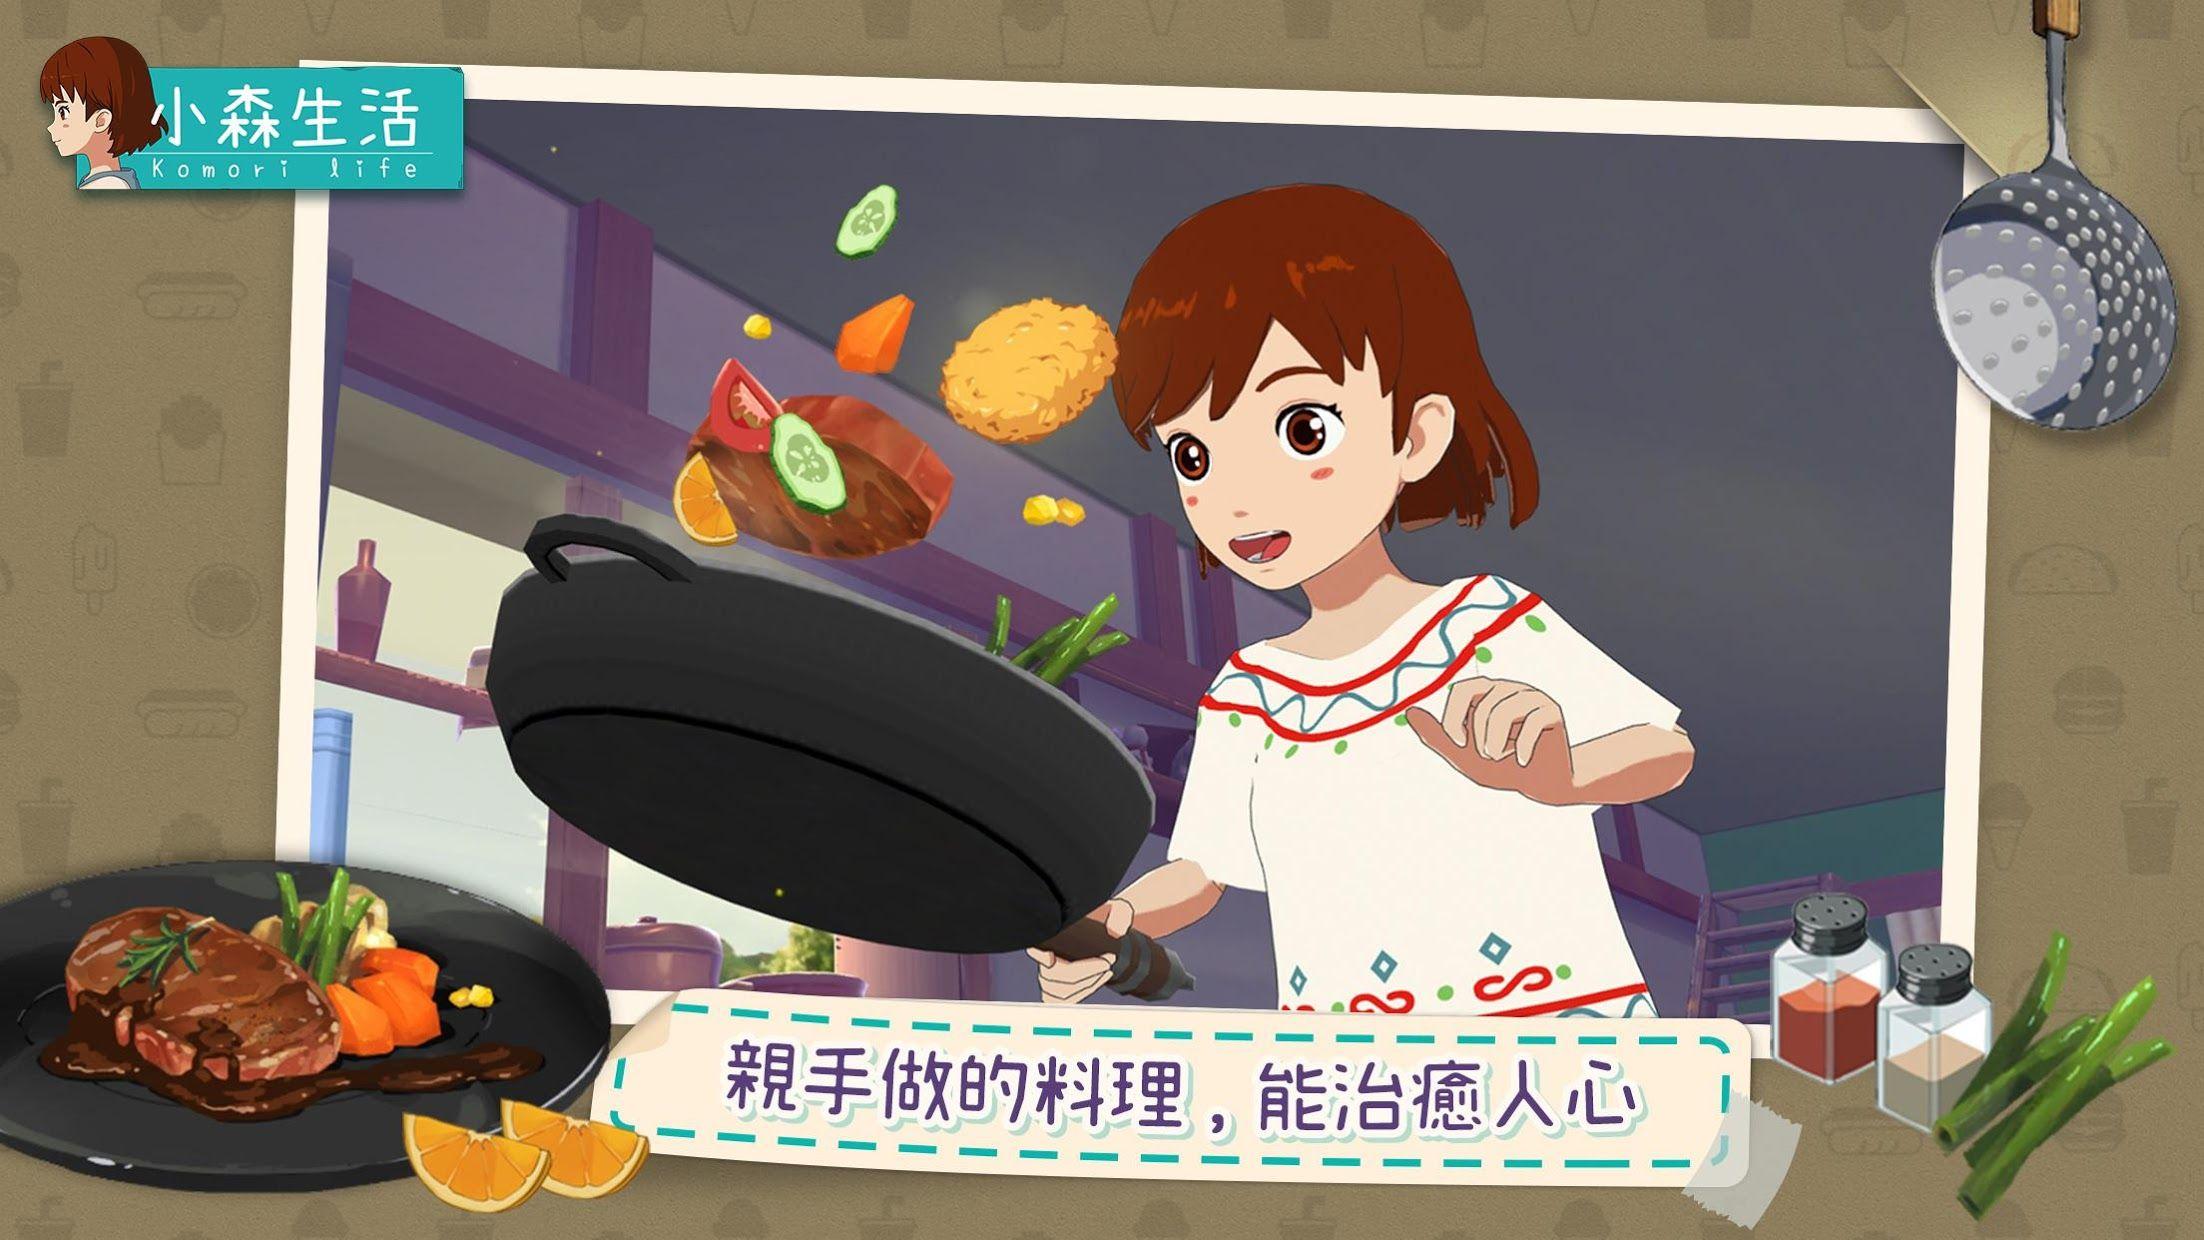 小森生活(台服) 游戏截图1